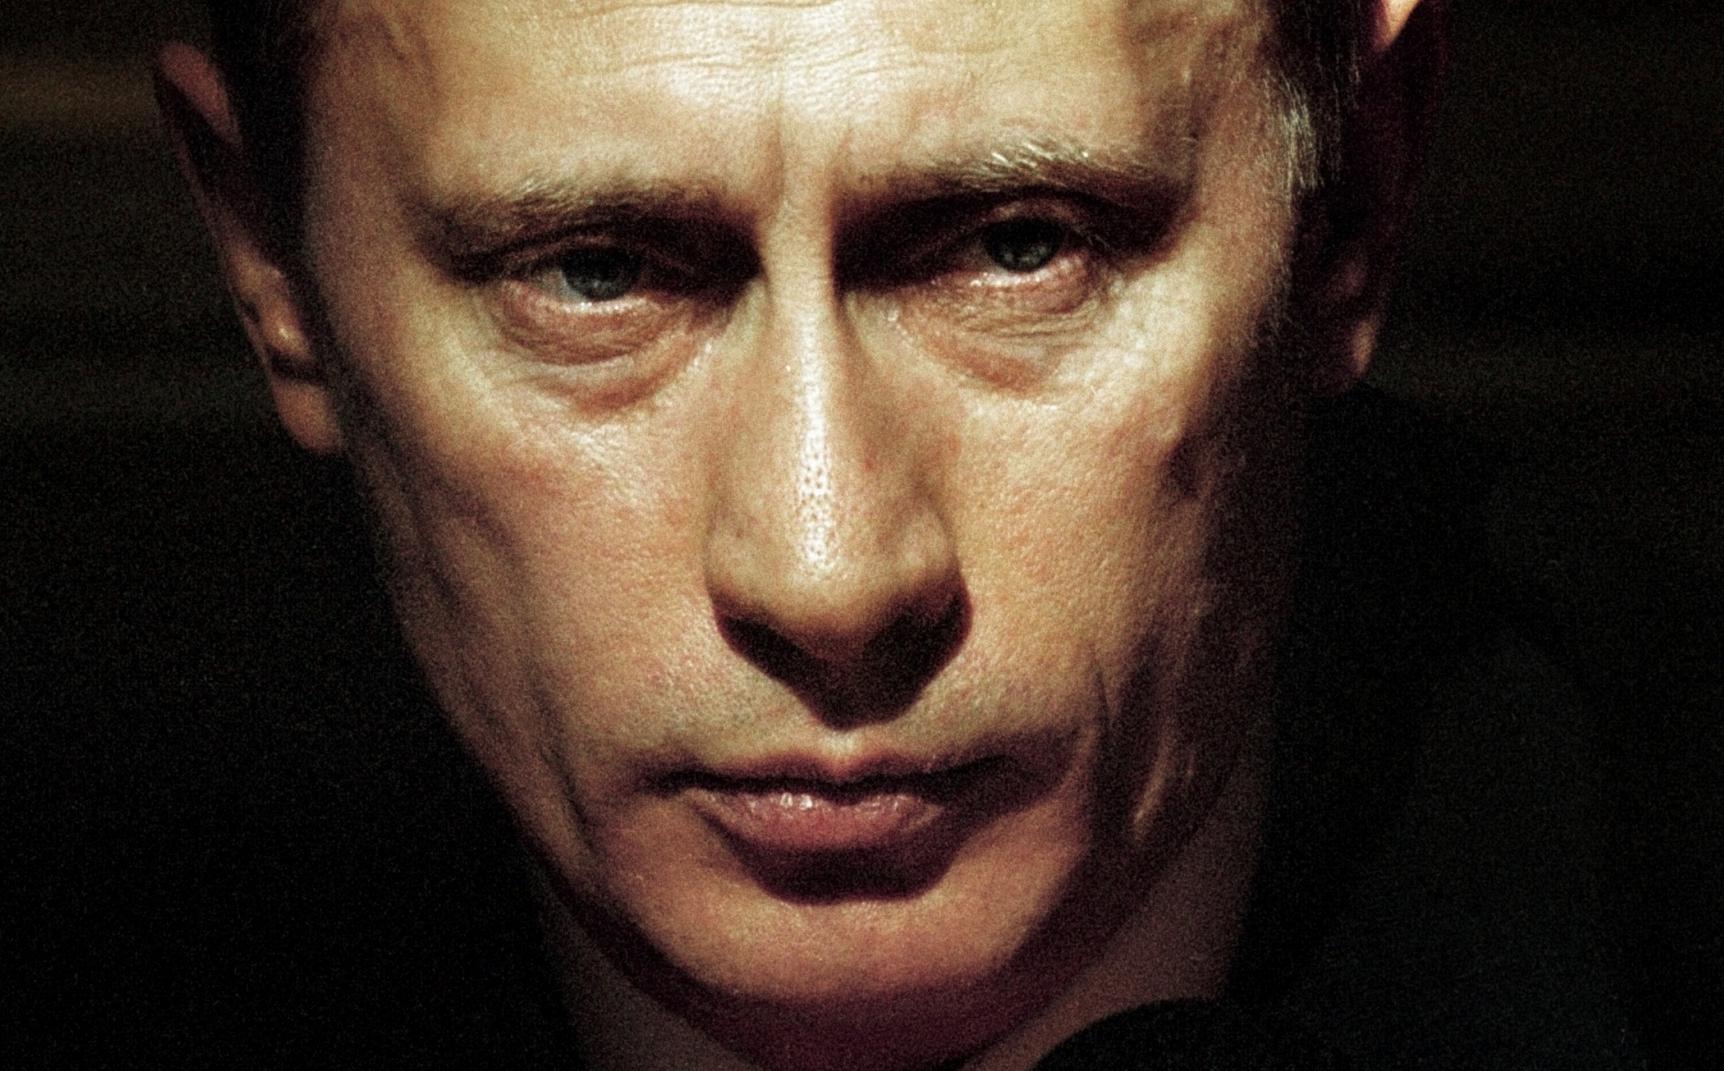 TT Putin: Dù thế giới có hỗn loạn đến đâu, tôi vẫn hi vọng lẽ phải sẽ chiến thắng!